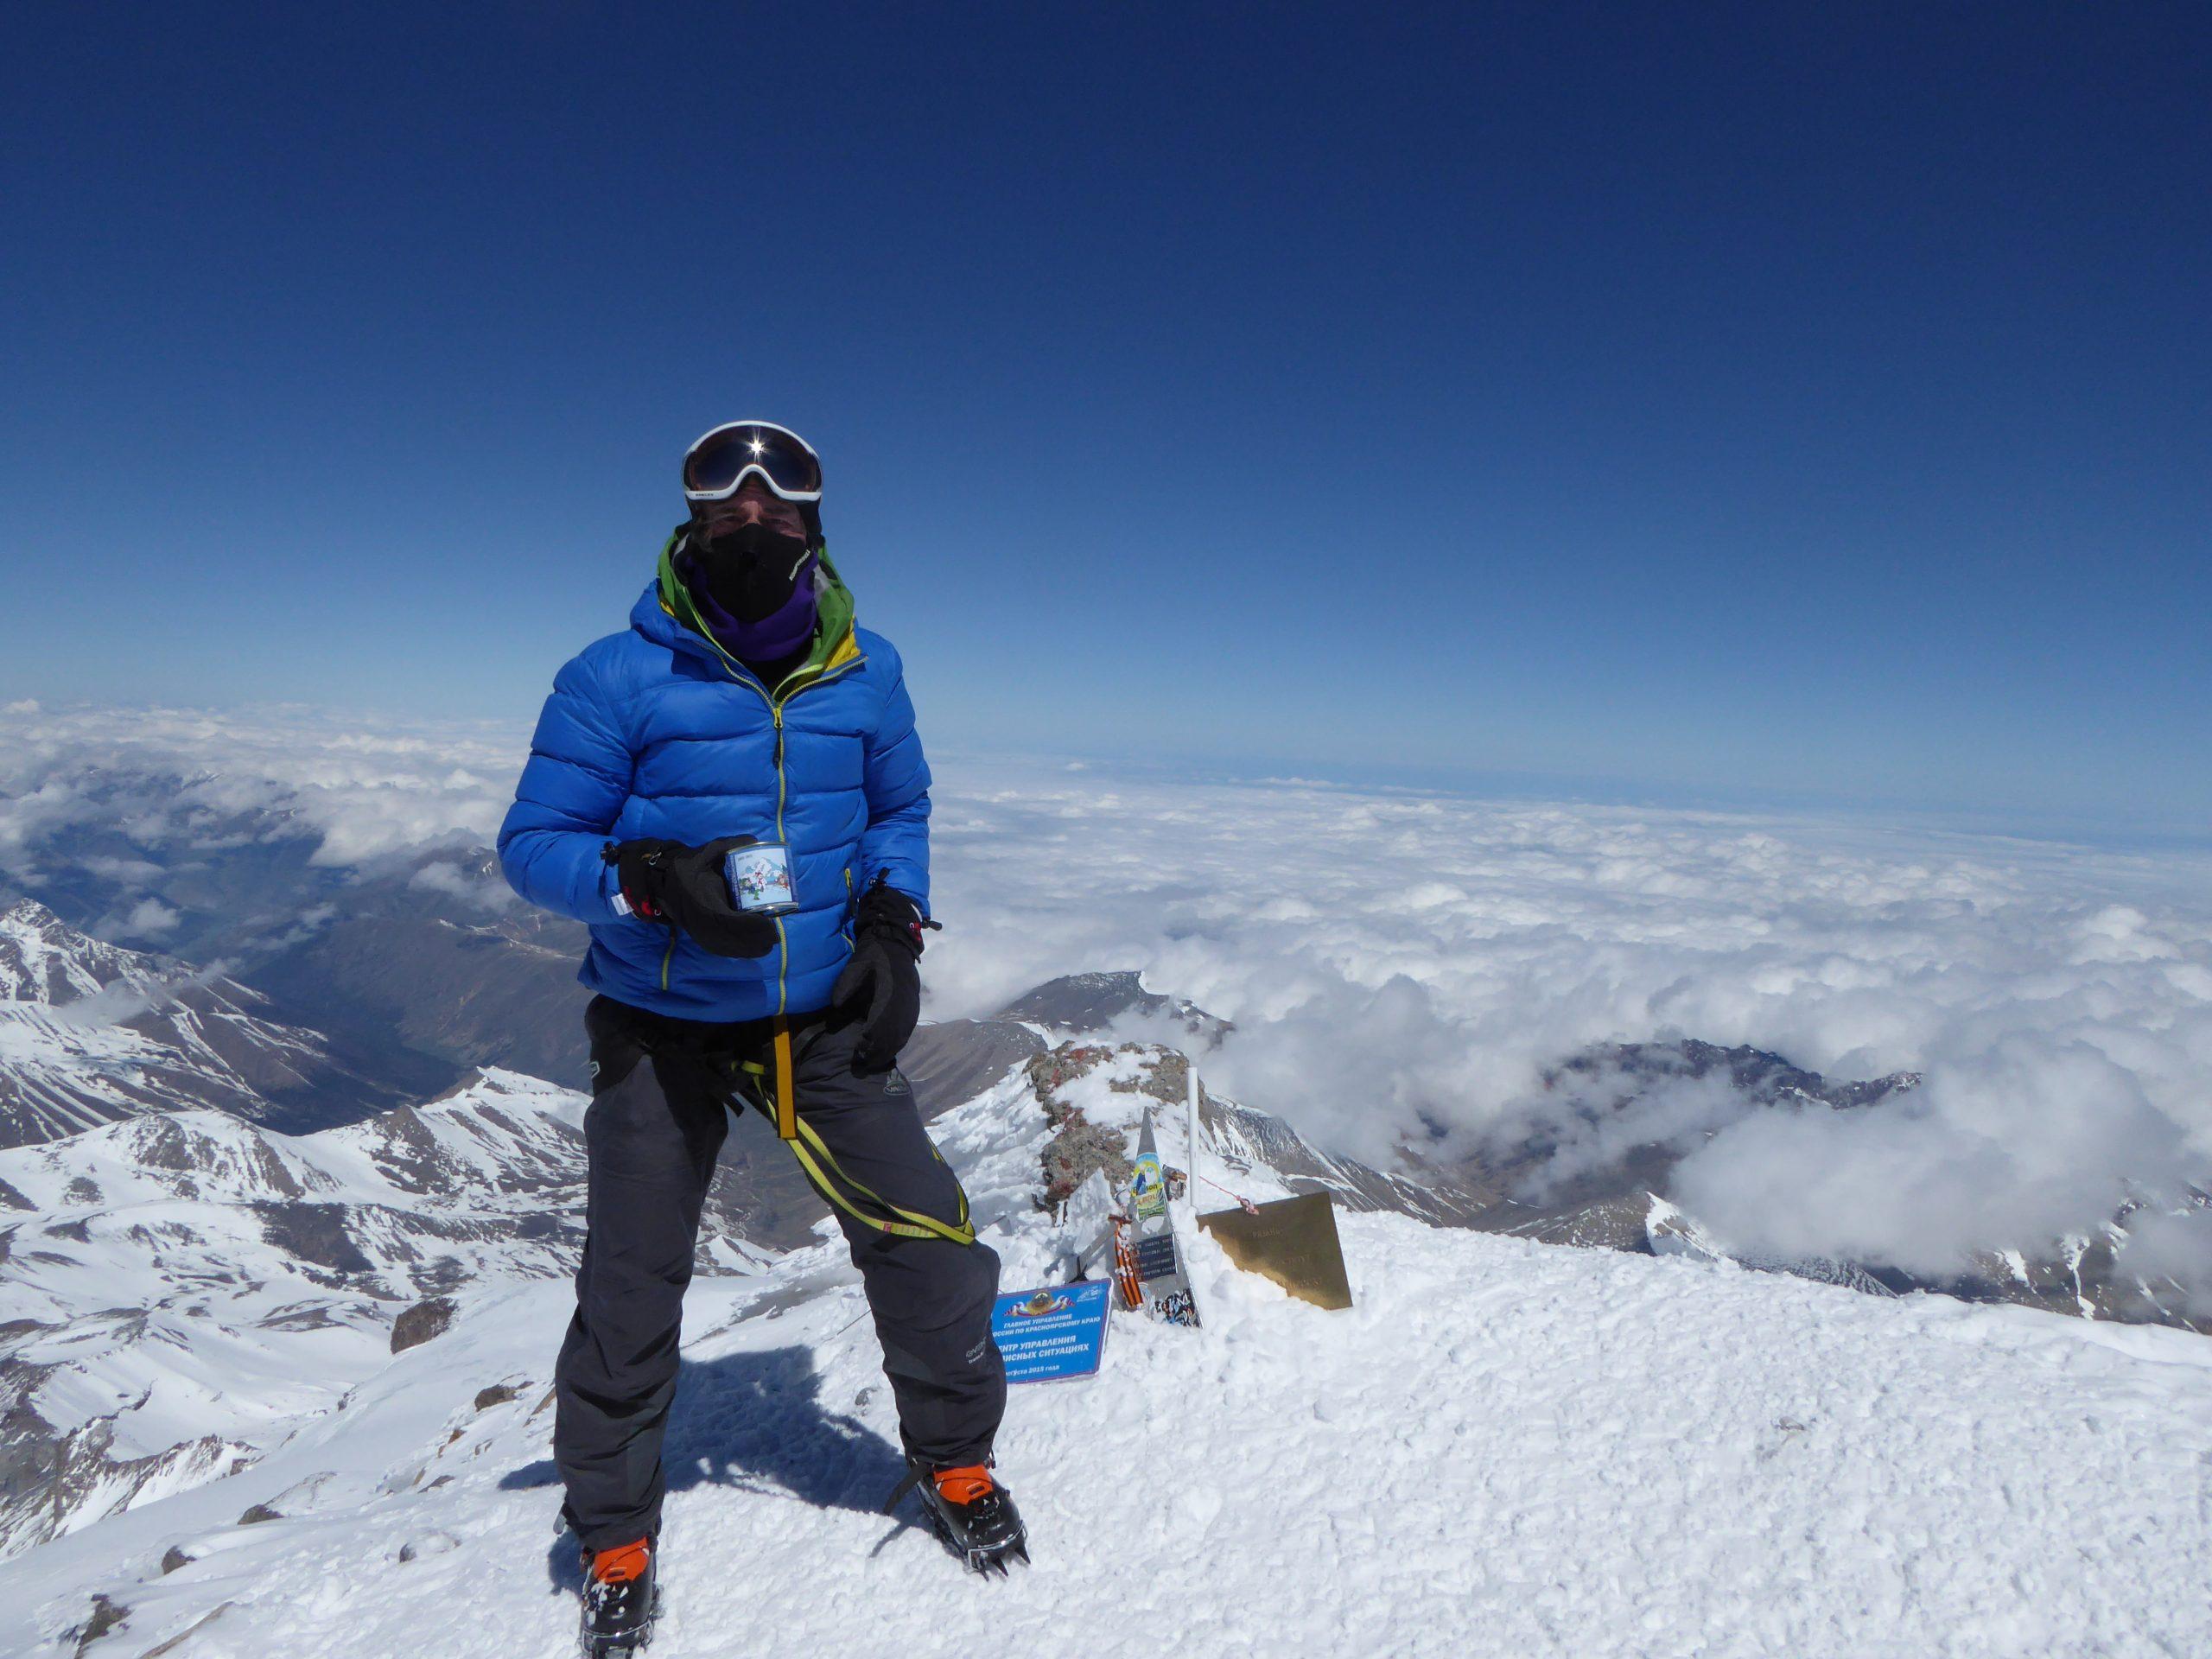 Reisebericht Ski Tour Elbrus 2